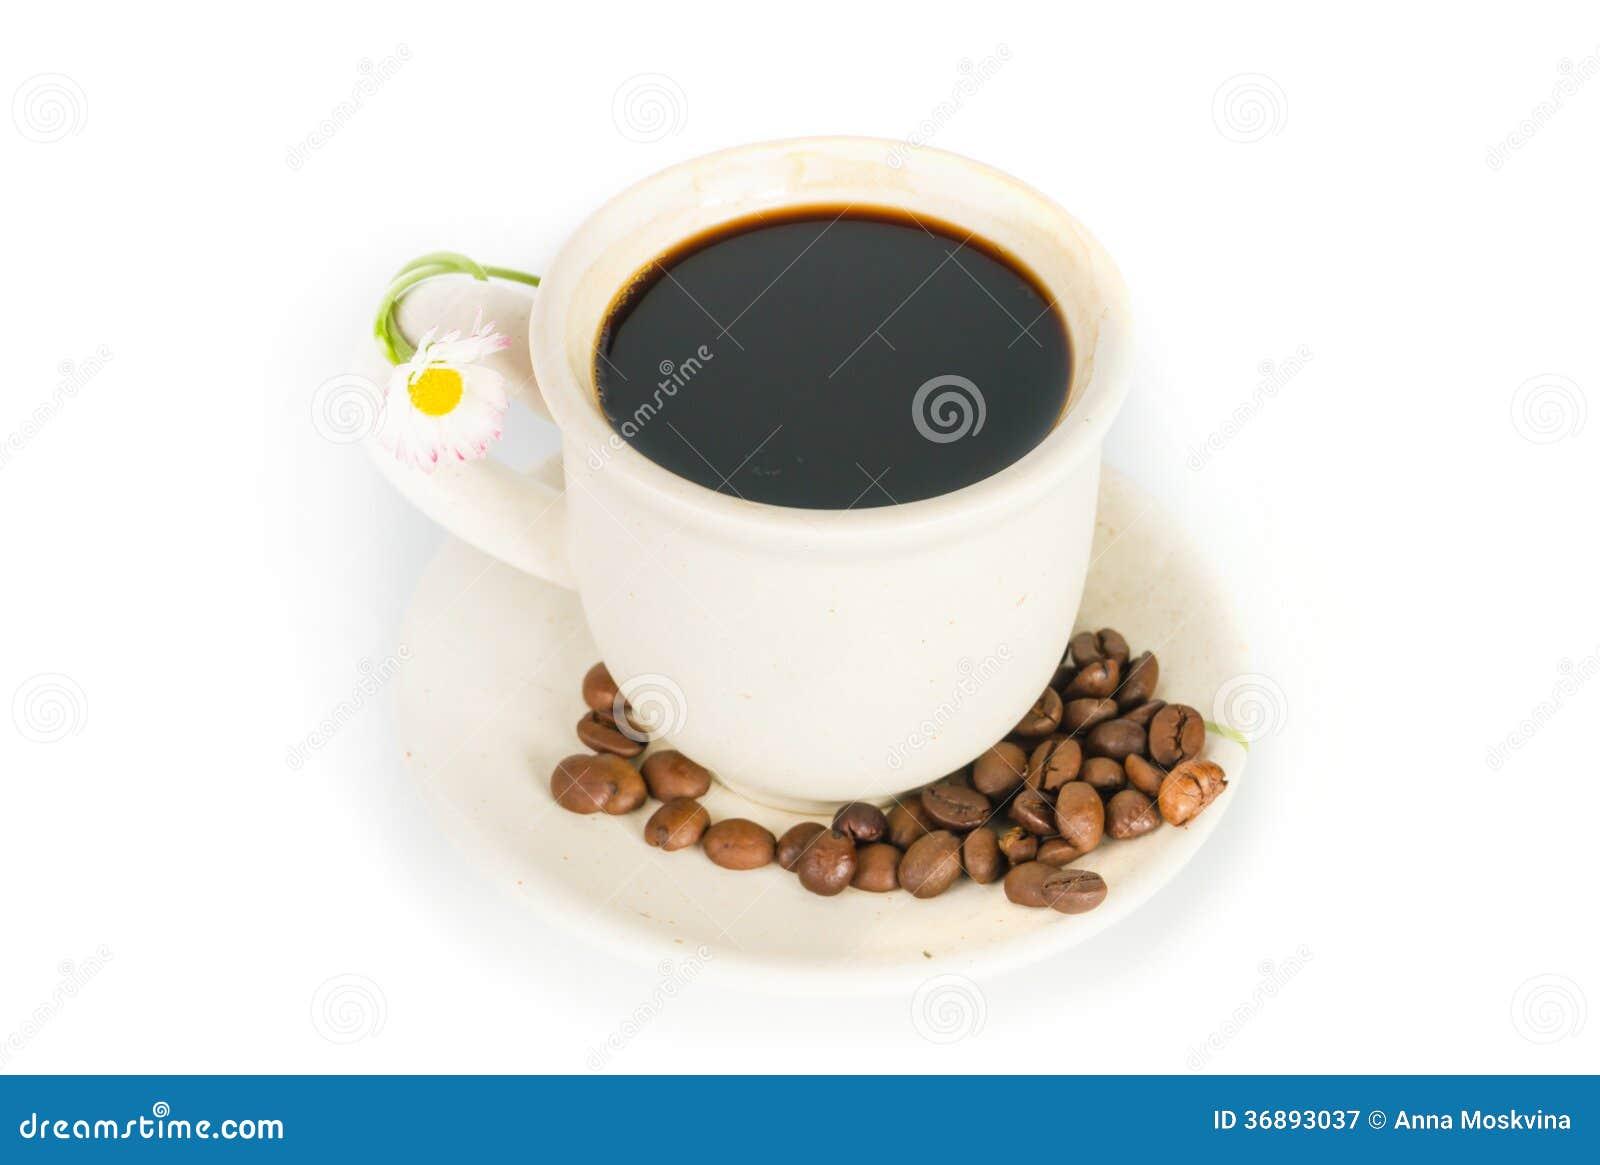 Download Tazza di caffè immagine stock. Immagine di alimento, background - 36893037